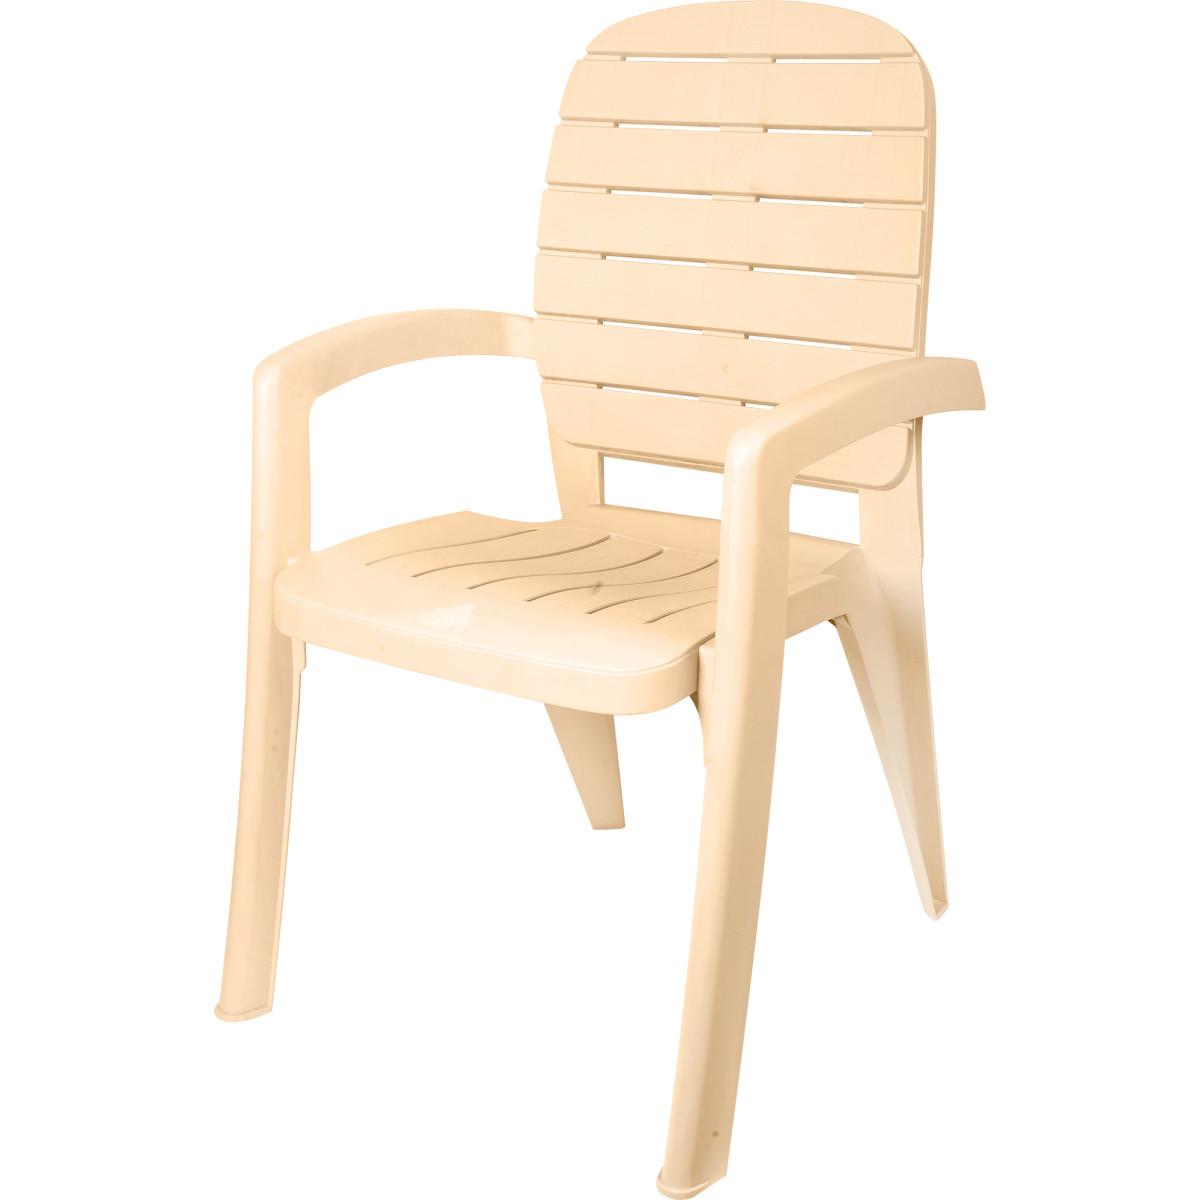 Кресло садовое Прованс цвет бежевый